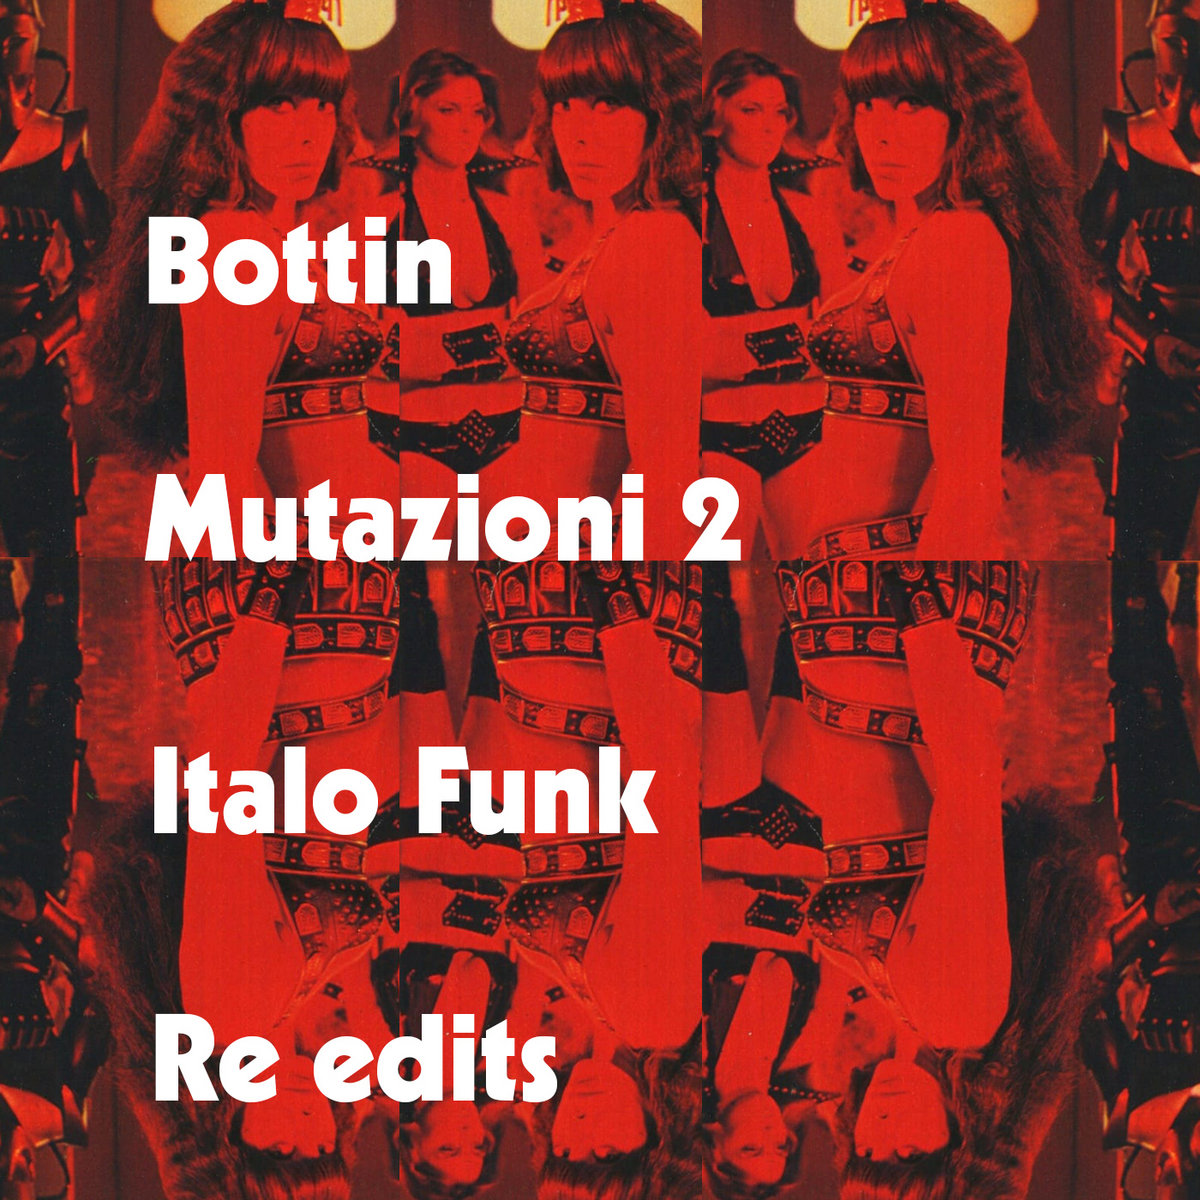 Mutazioni 2: Italo-Funk Re-Edits | BOTTIN